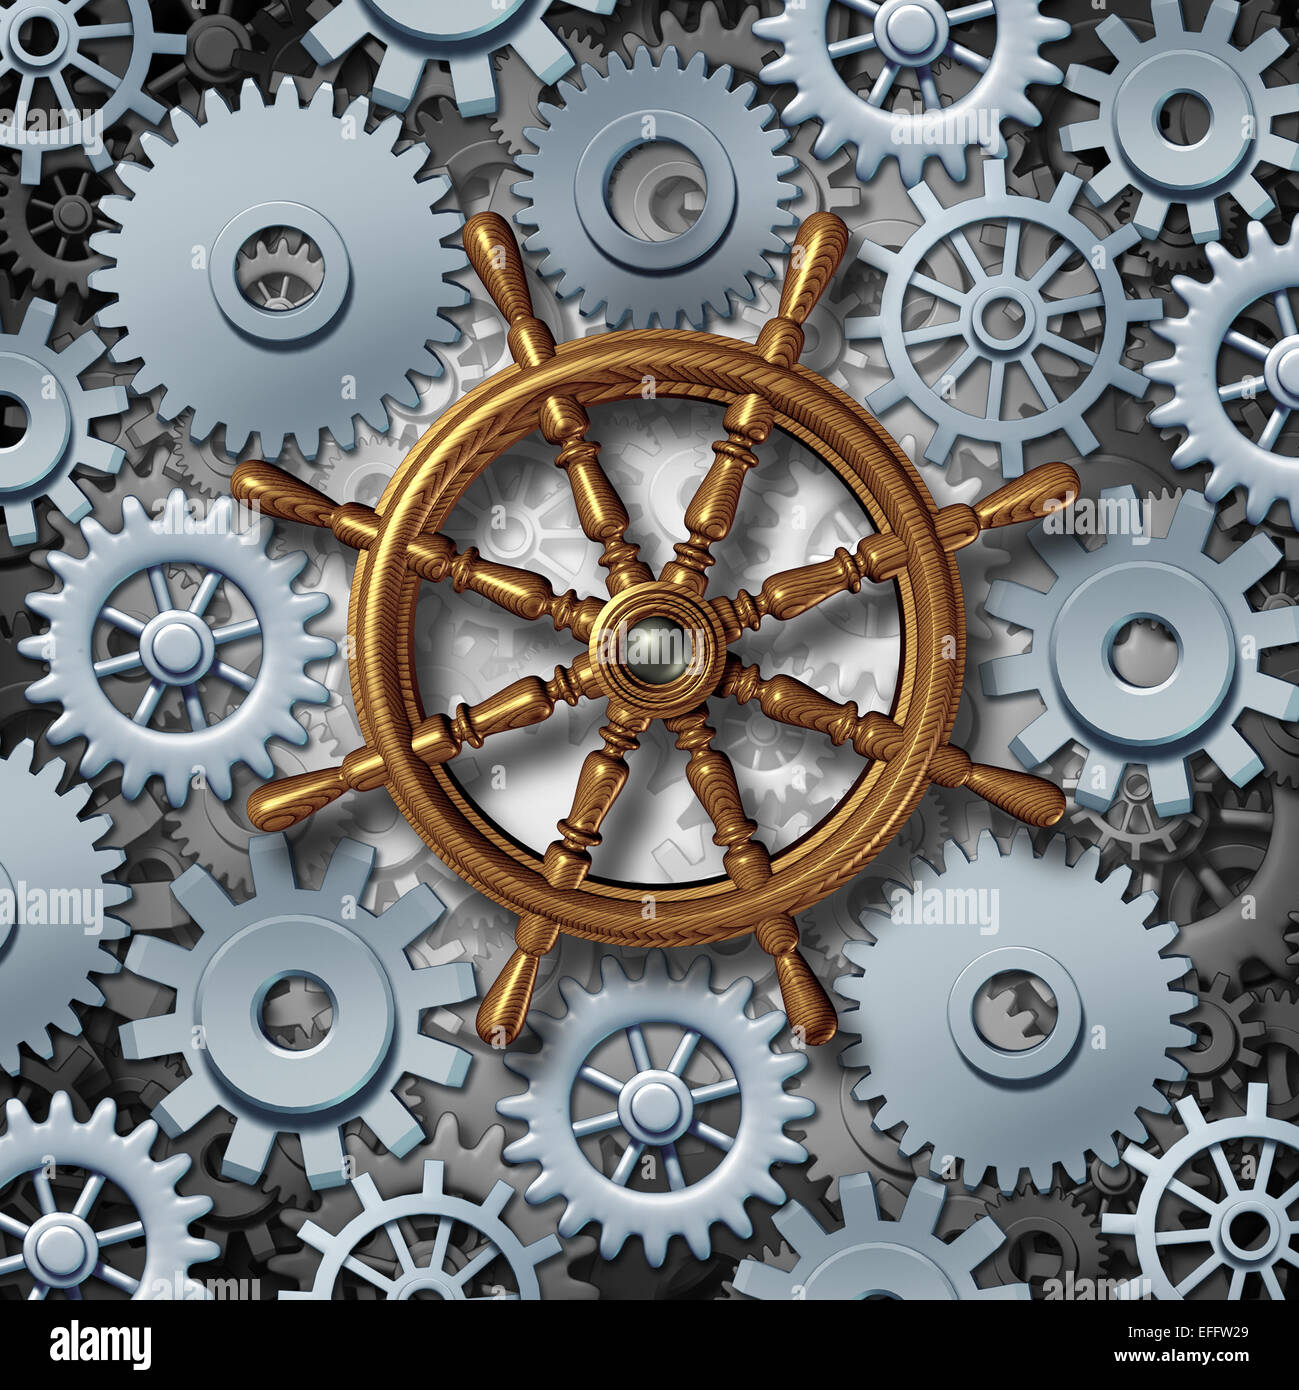 Concepto de navegación comercial como un barco marina volante conectado a engranajes y ruedas dentadas como Imagen De Stock